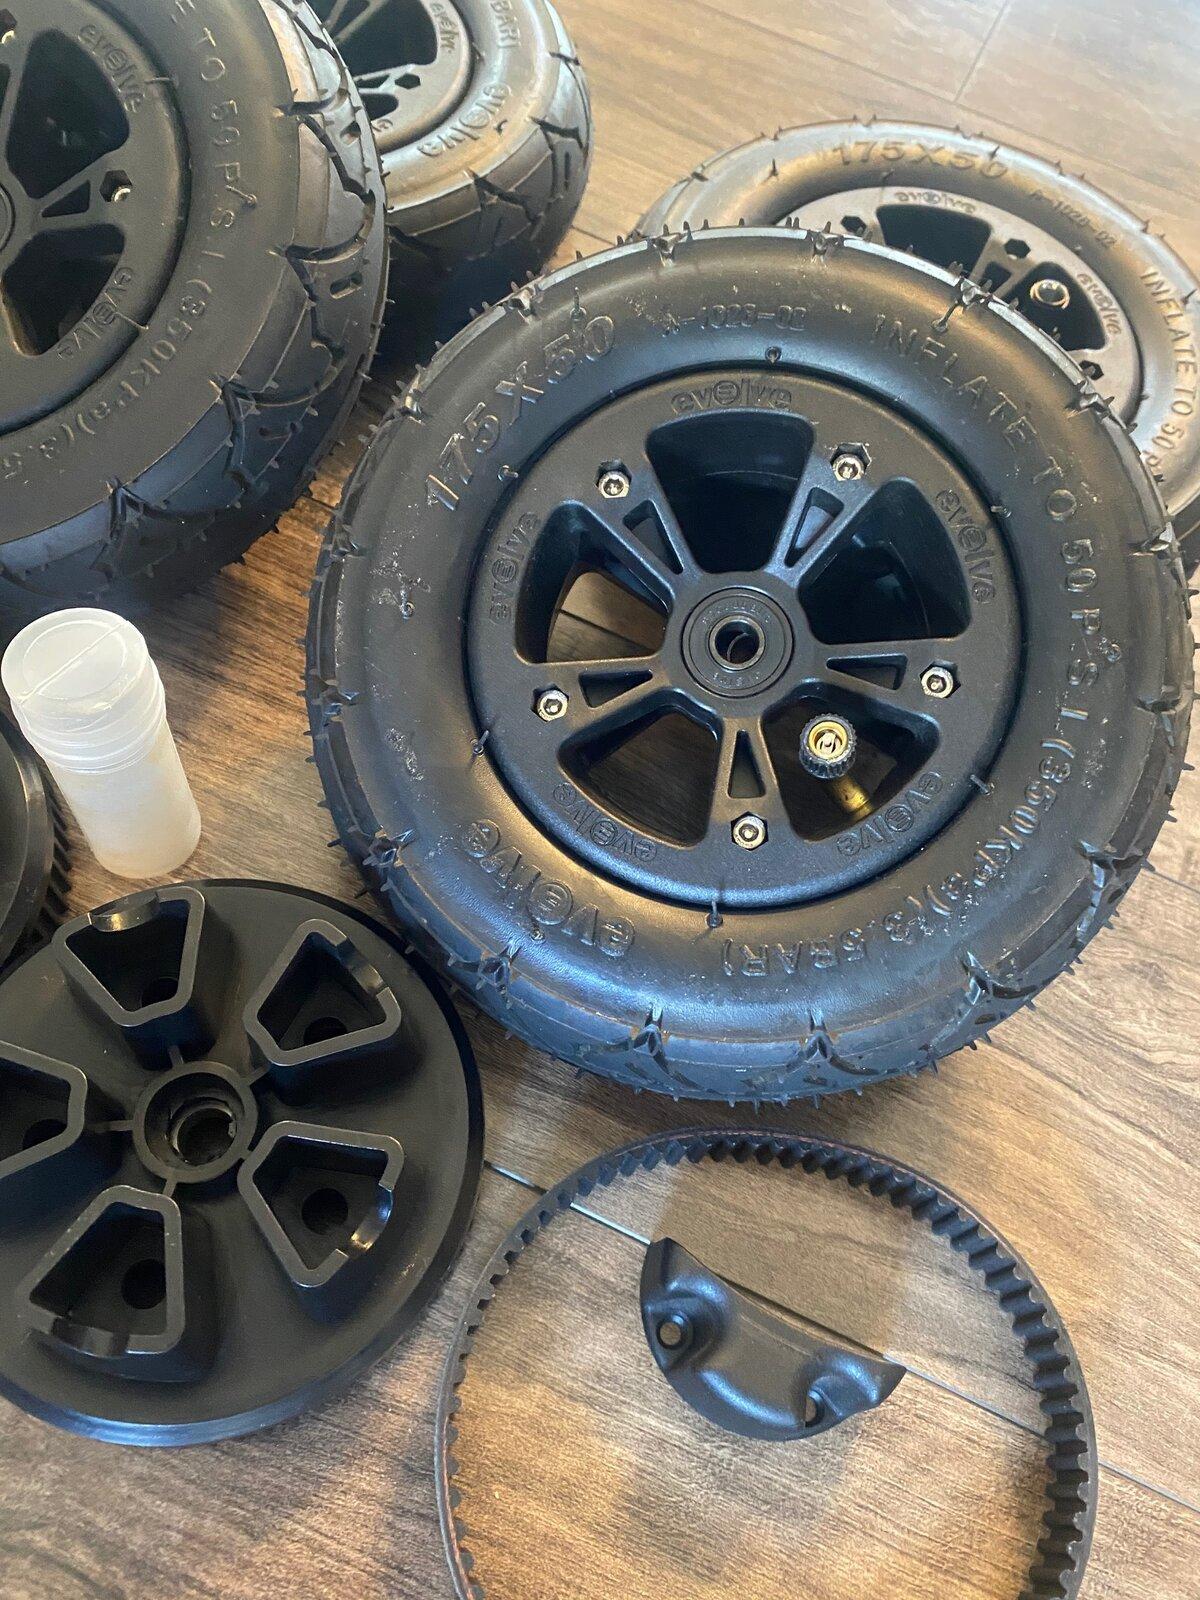 Evolve All Terrain Wheels Conversion For Sale 2.jpg